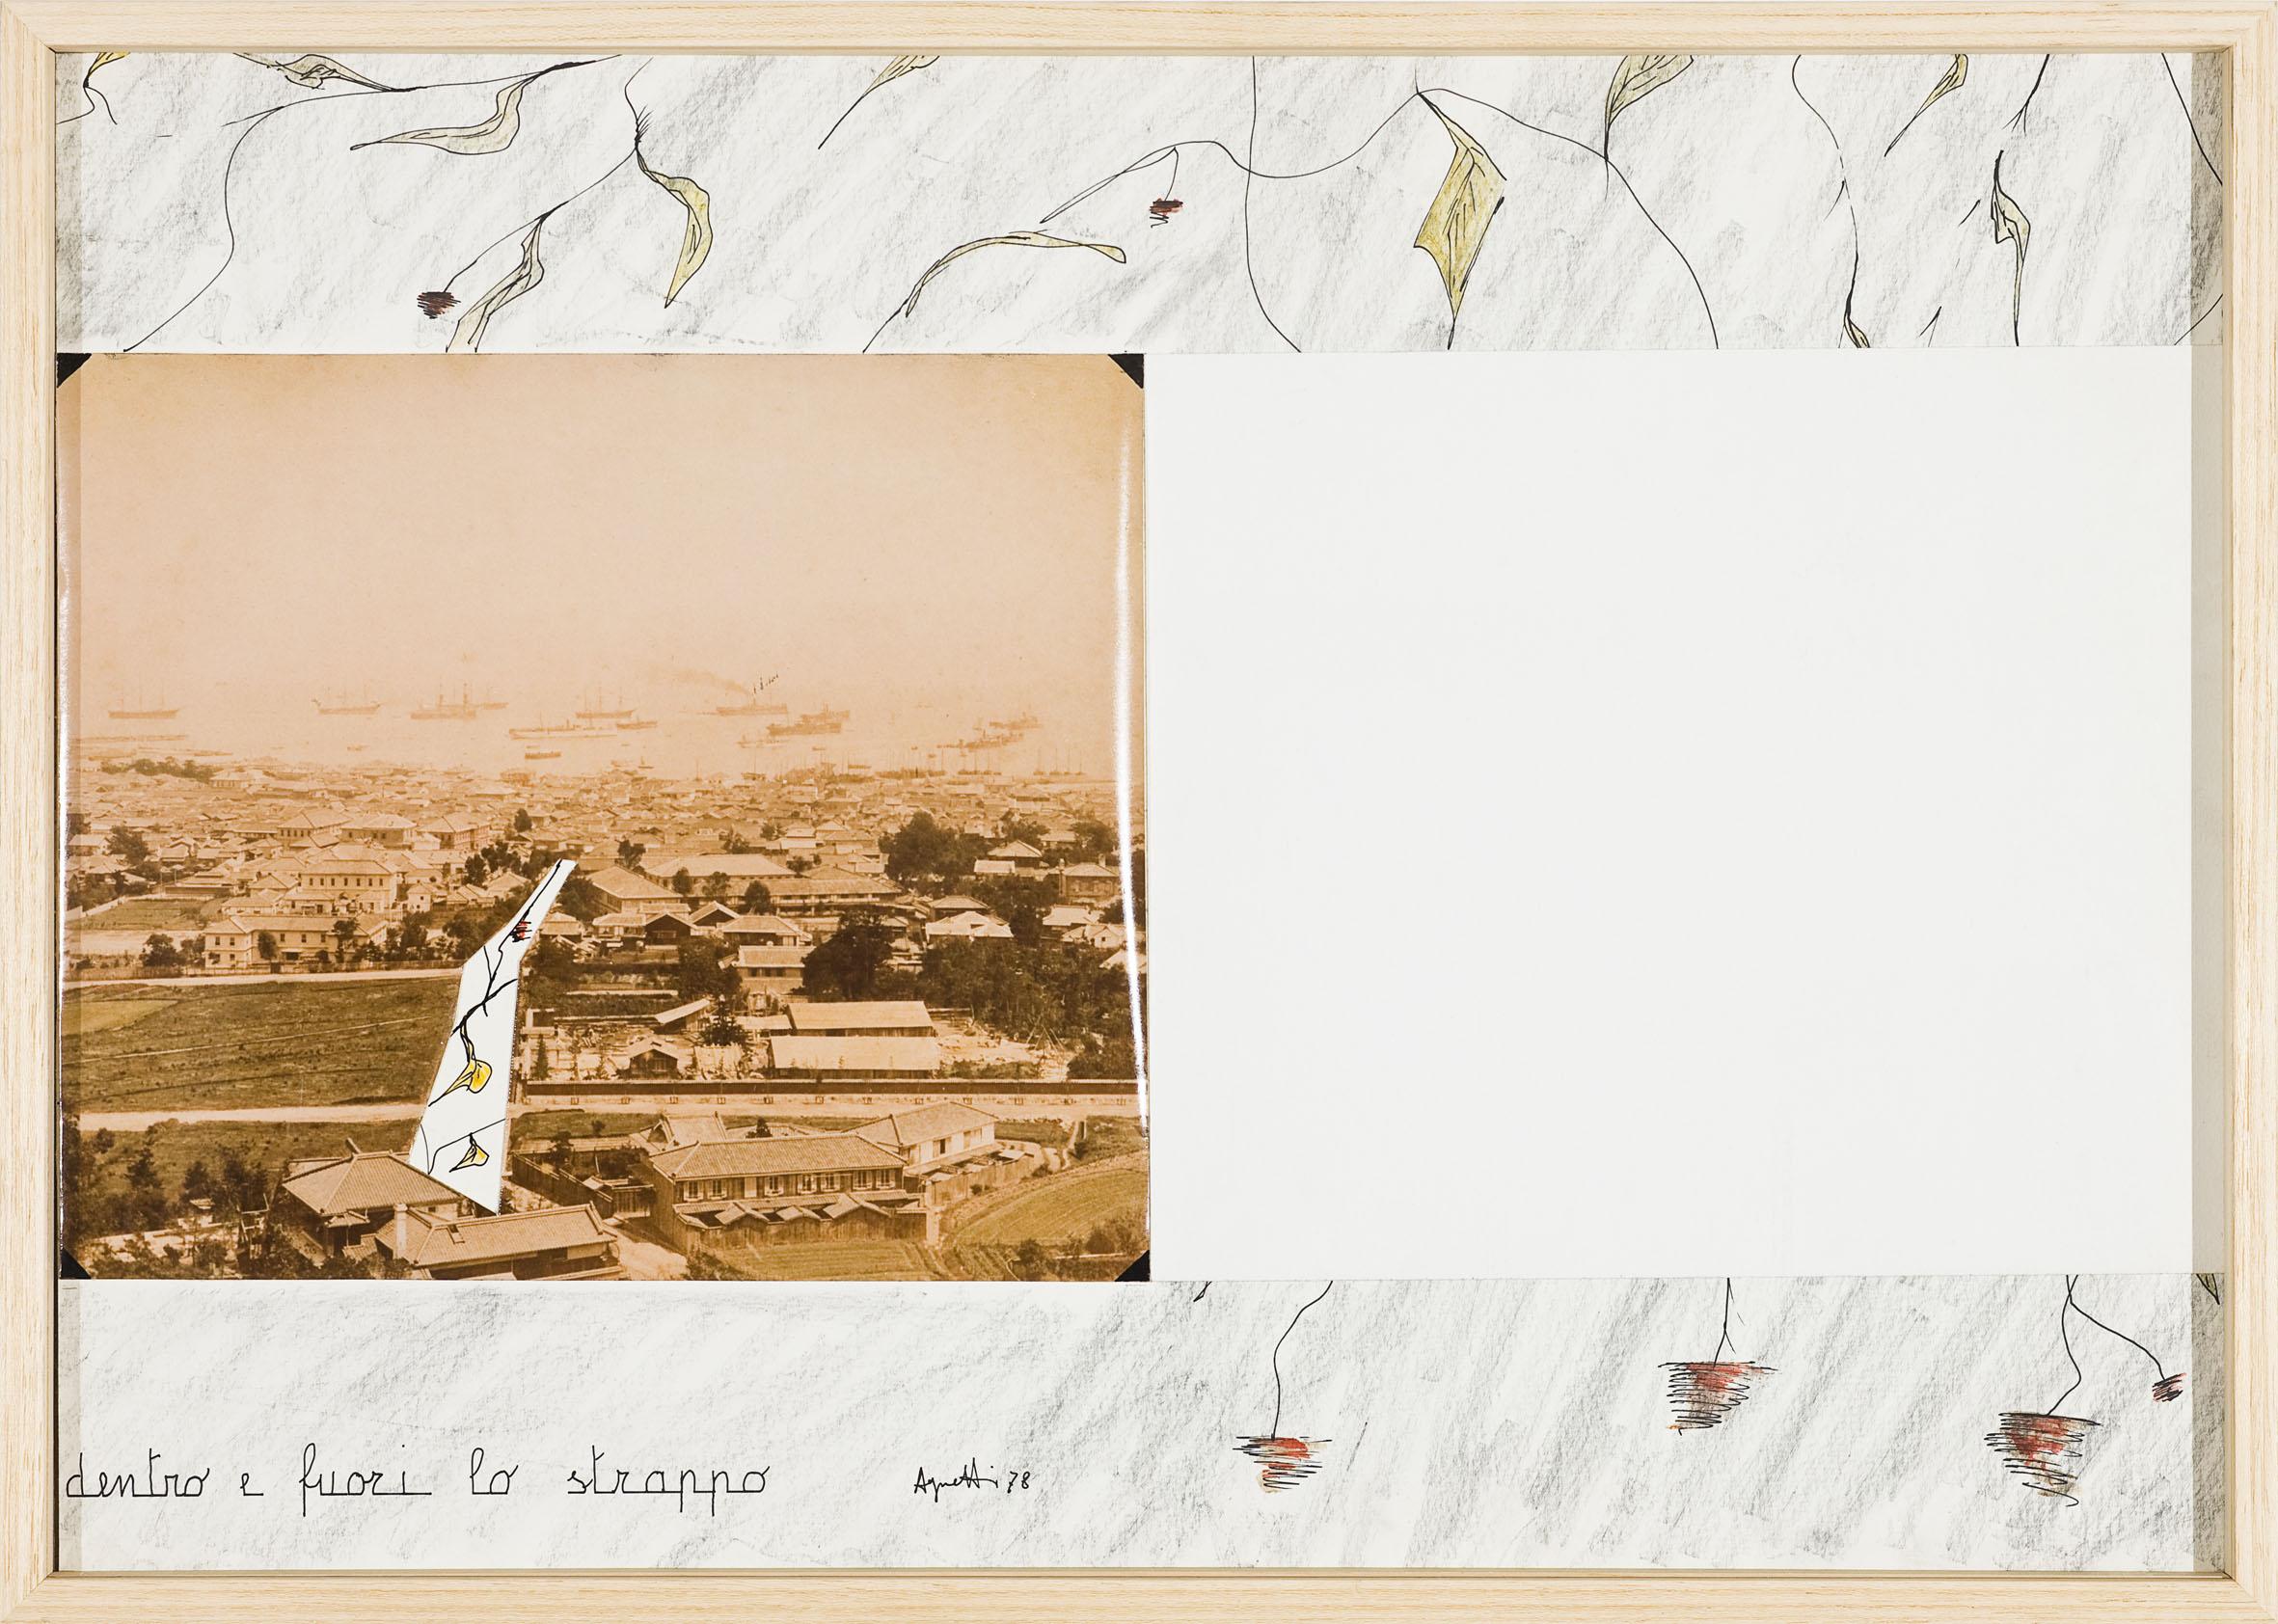 Dentro e fuori lo strappo, 1978, fotografia e tecnica mista su carta, 44,5 x 63,5 cm, courtesy Galleria Milano, Milano